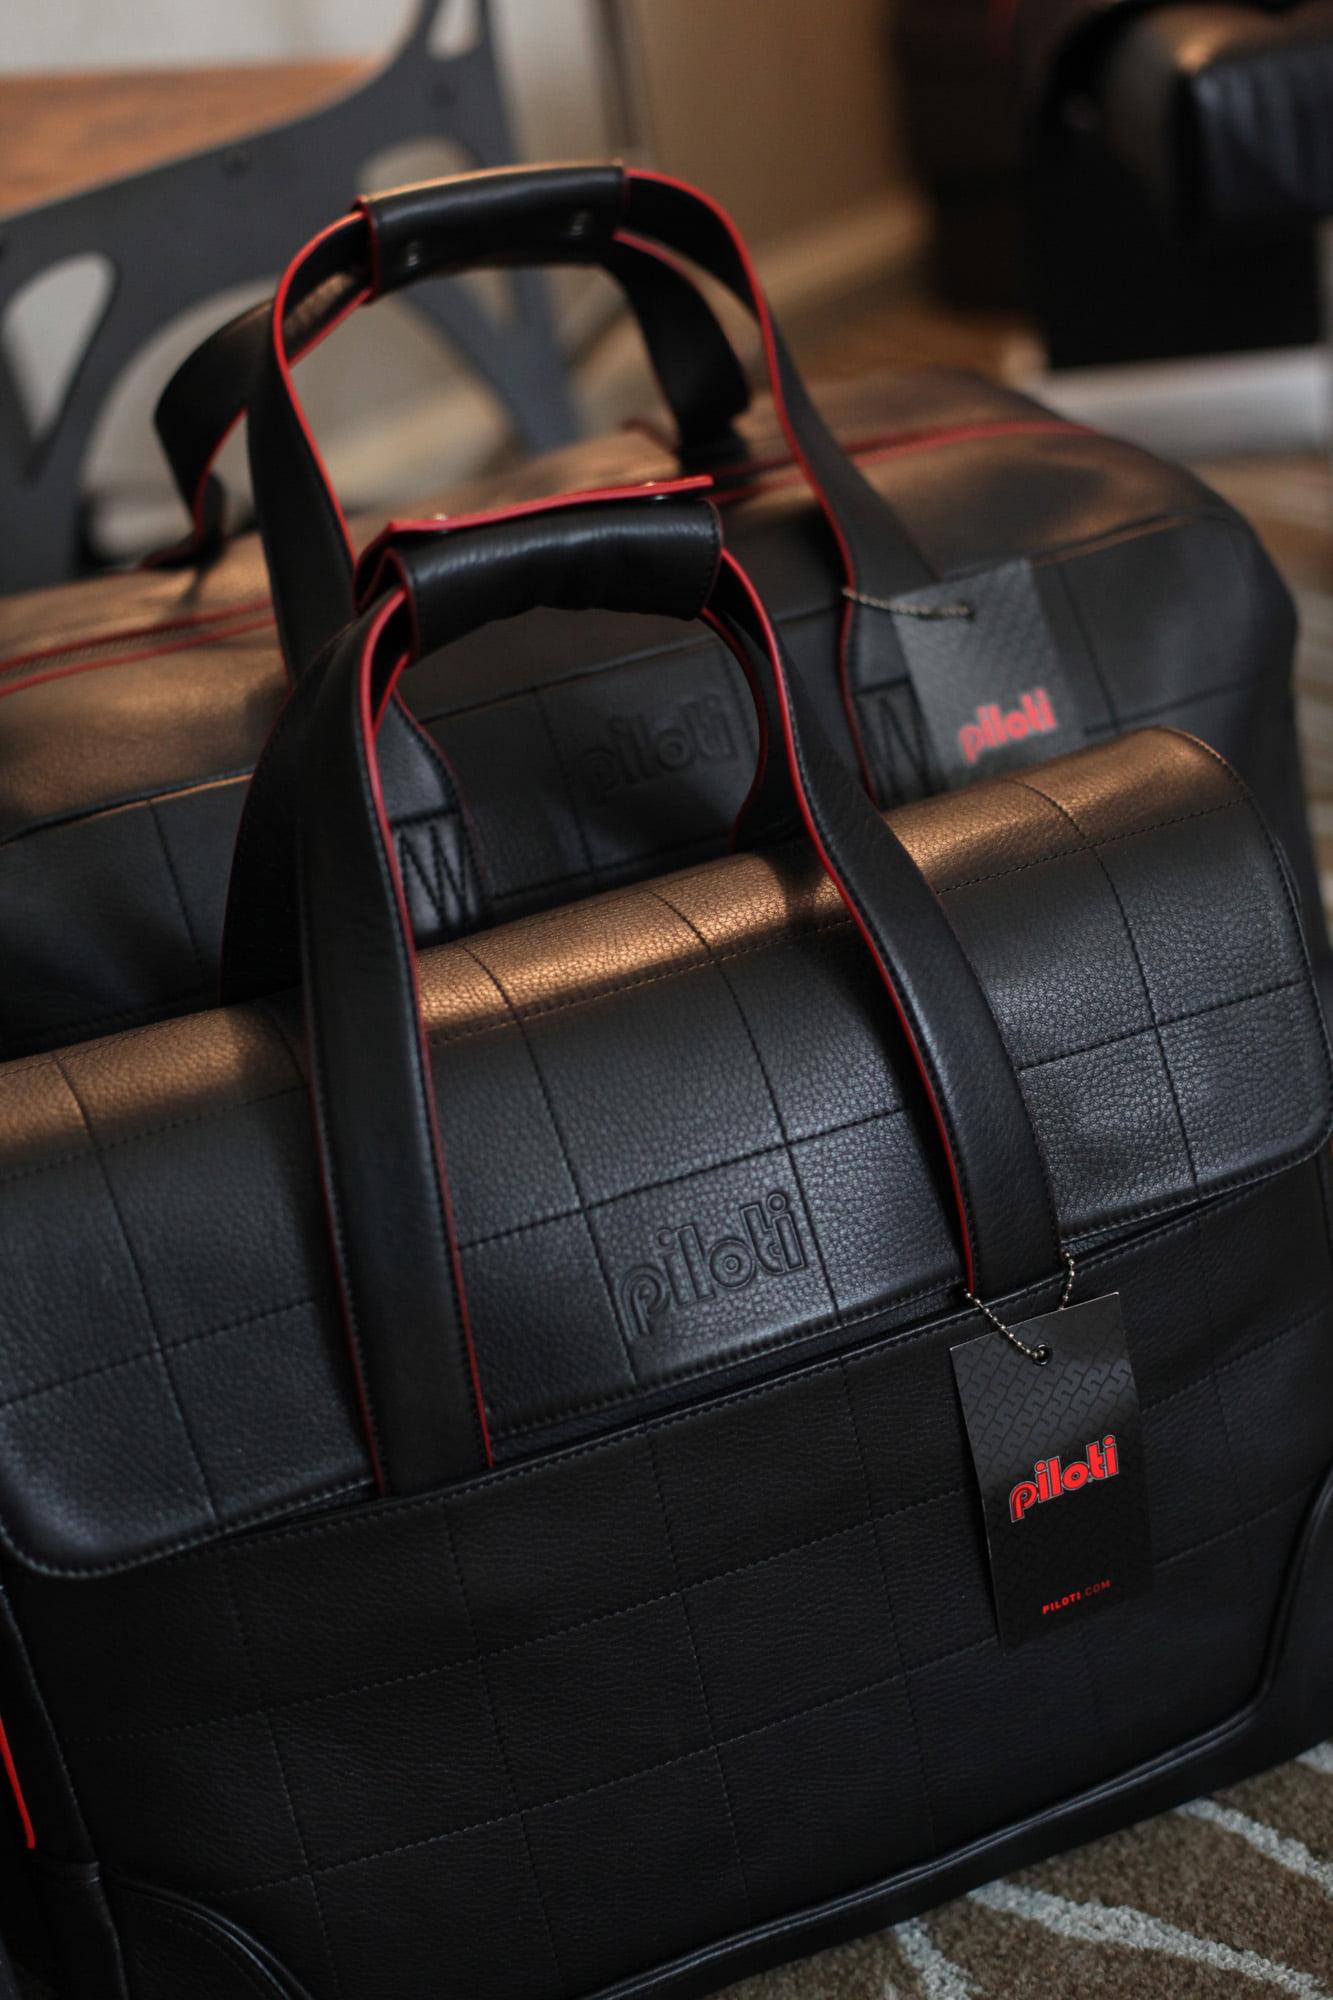 Piloti bags